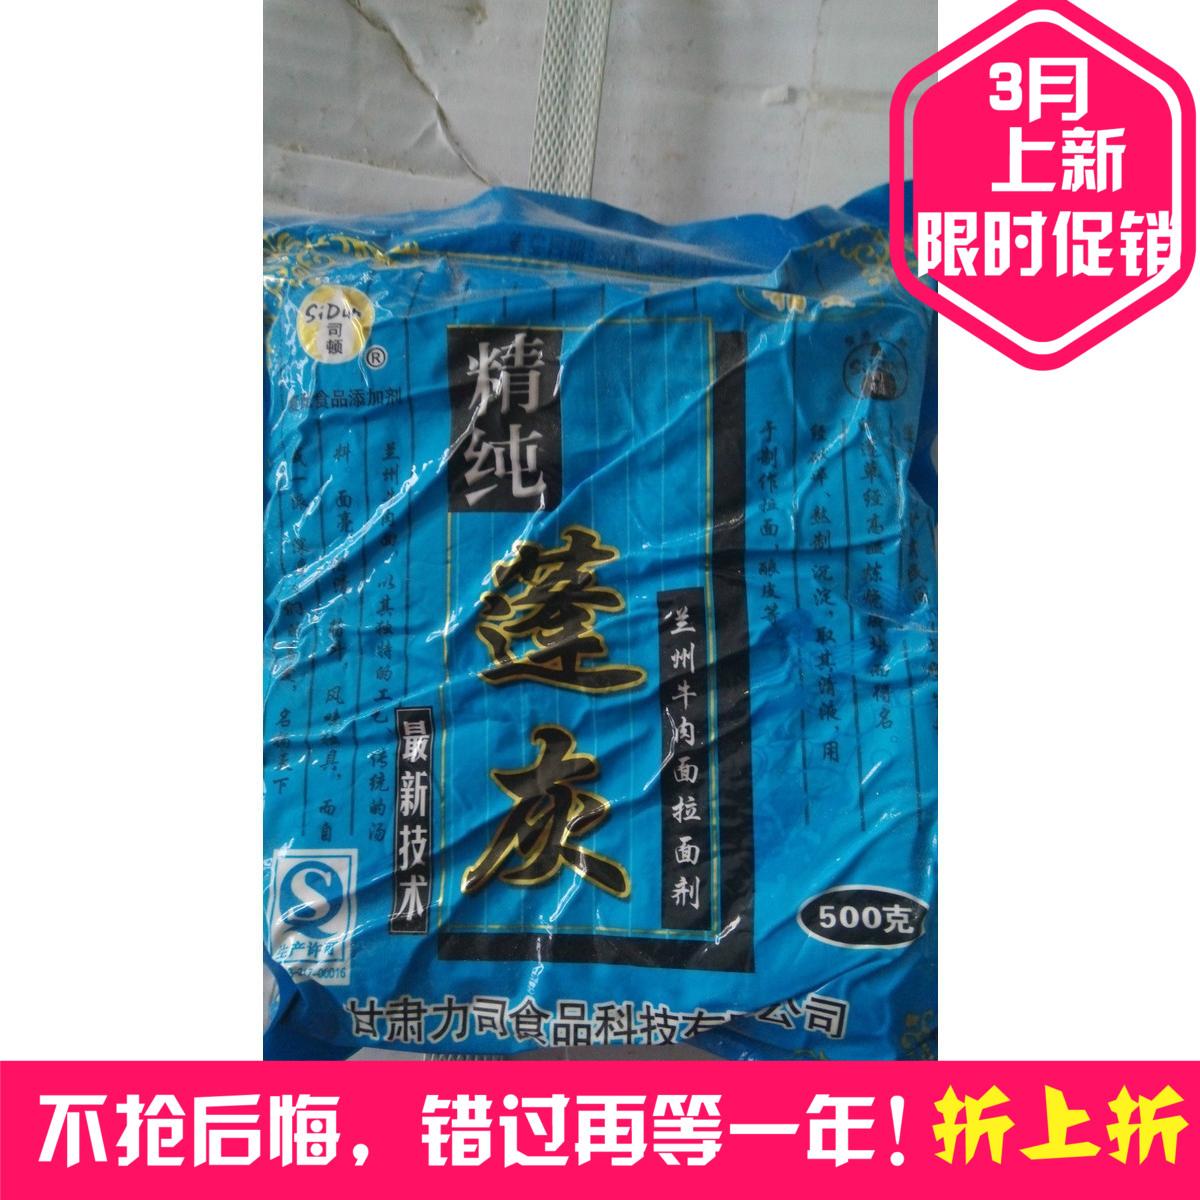 Холстон в Ланьчжоу говядины лапши Специальный ramen агент эффективности чисто Пэн серый 500g рамэн специальные от Kupinatao